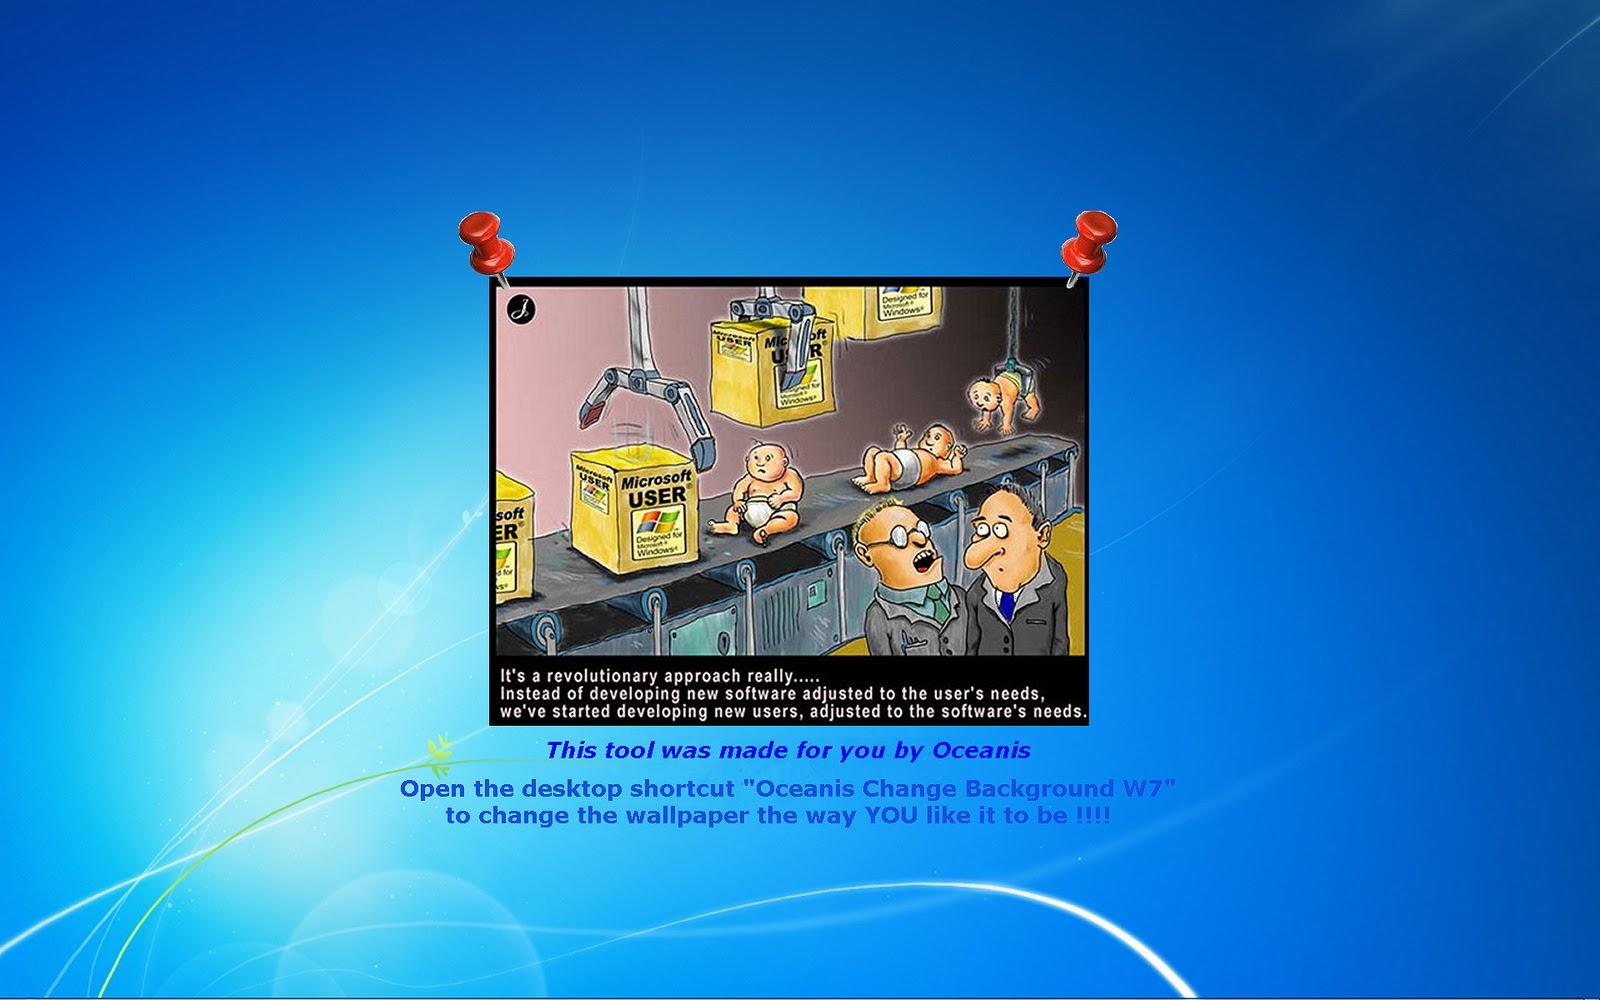 http://1.bp.blogspot.com/-zlw_I3IU7JQ/Tv82g3Wb0AI/AAAAAAAAAeY/co7Nay36SzM/s1600/Default_Wall_Paper_1.jpg